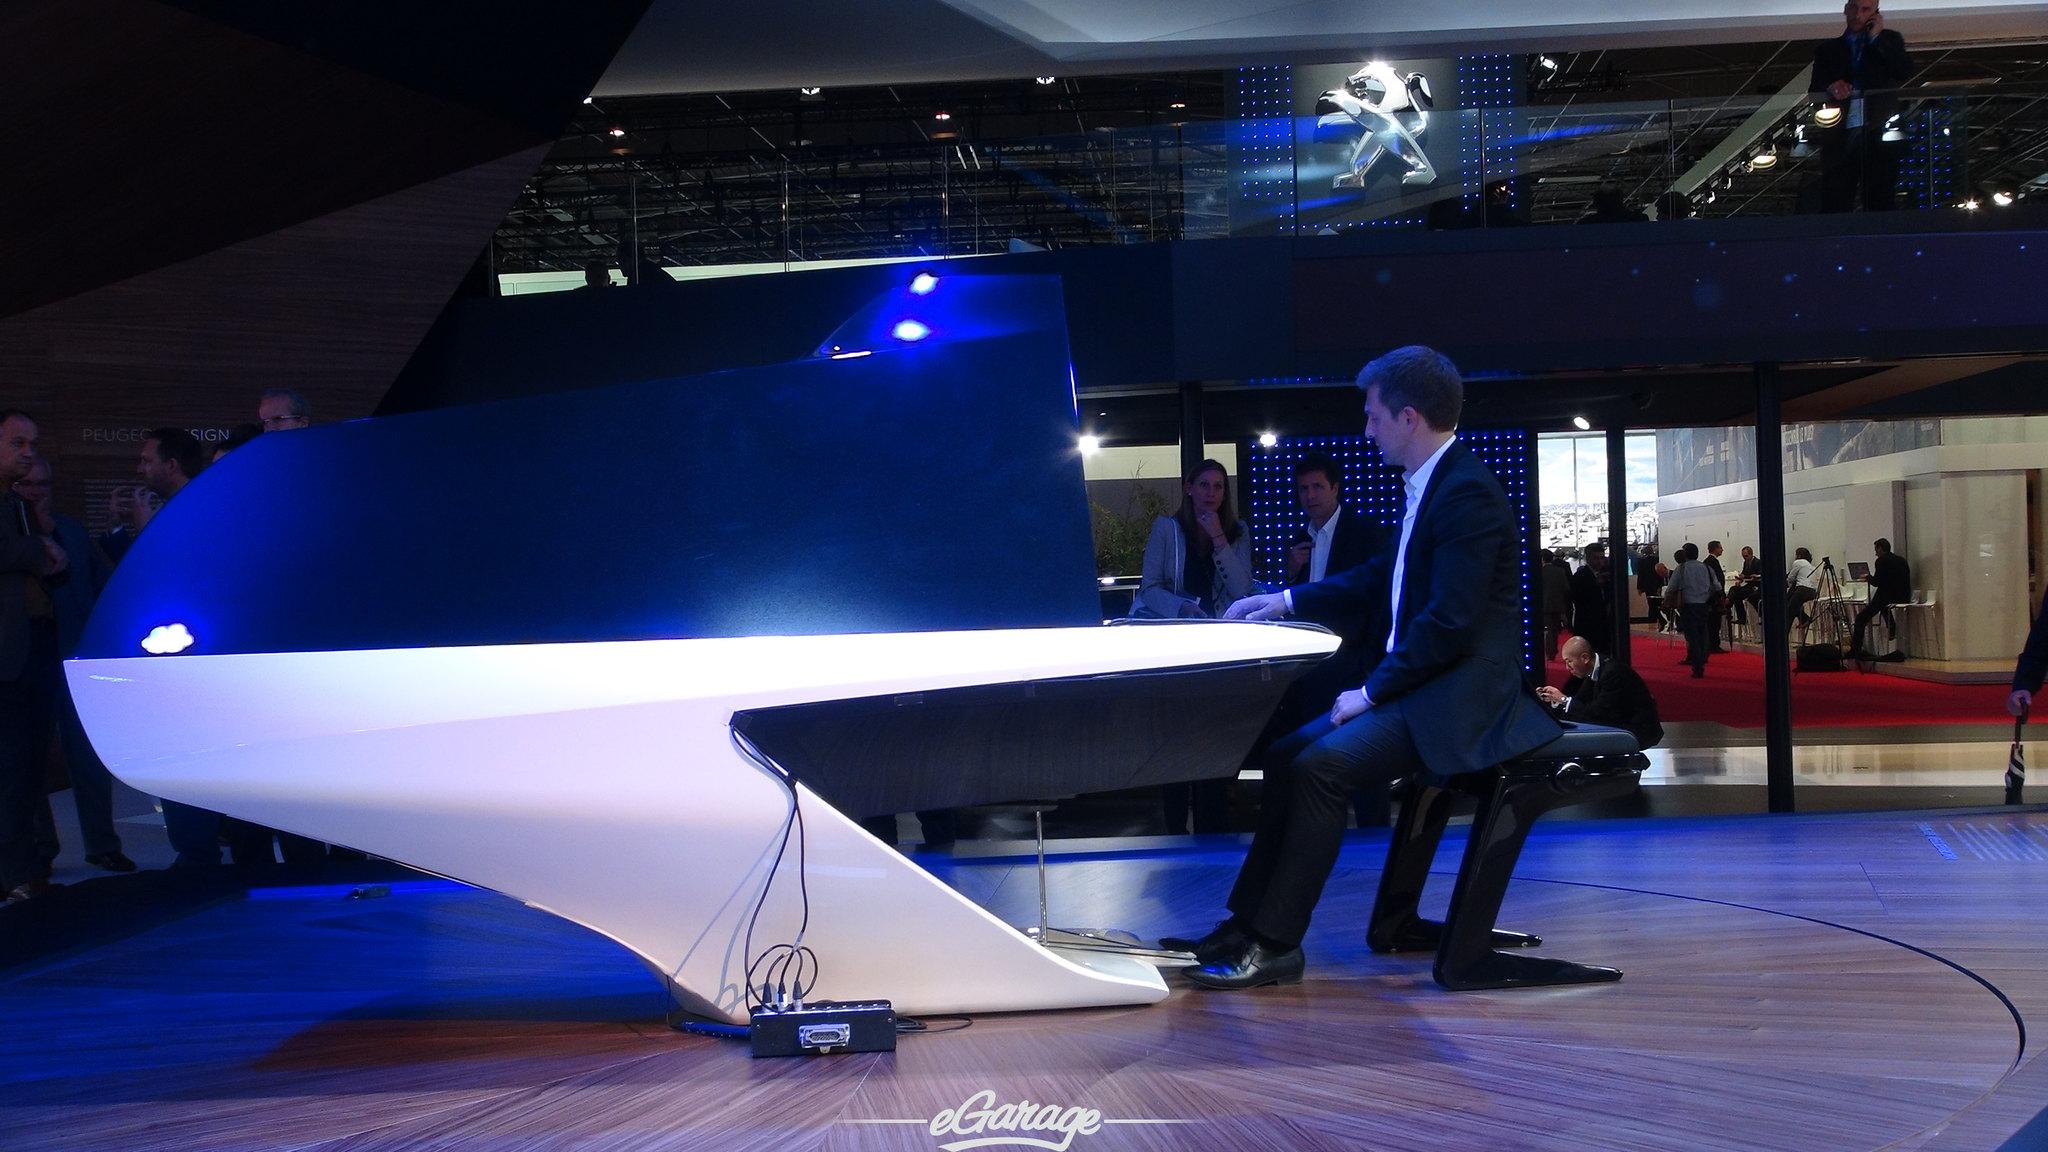 8034739542 6e80b7c6f9 k 2012 Paris Motor Show